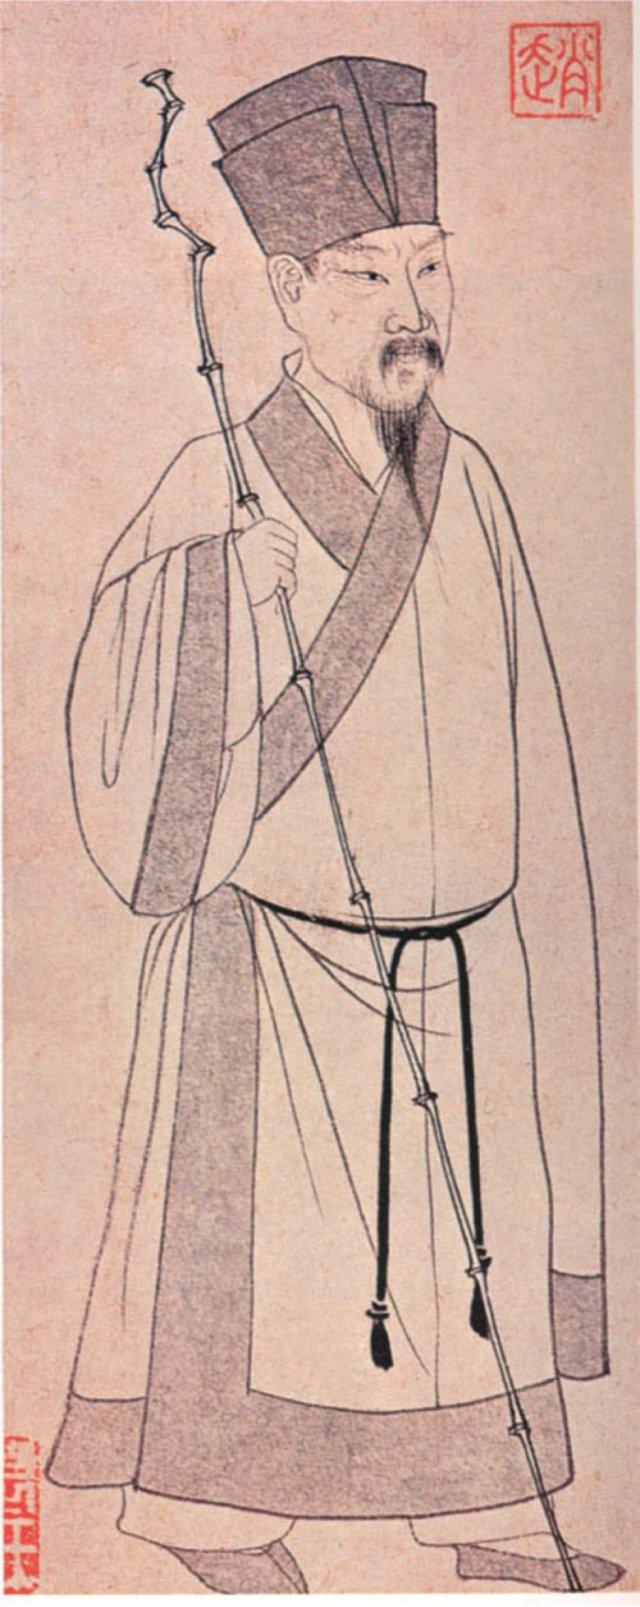 宋朝服飾,圖為蘇軾像。(維基百科)